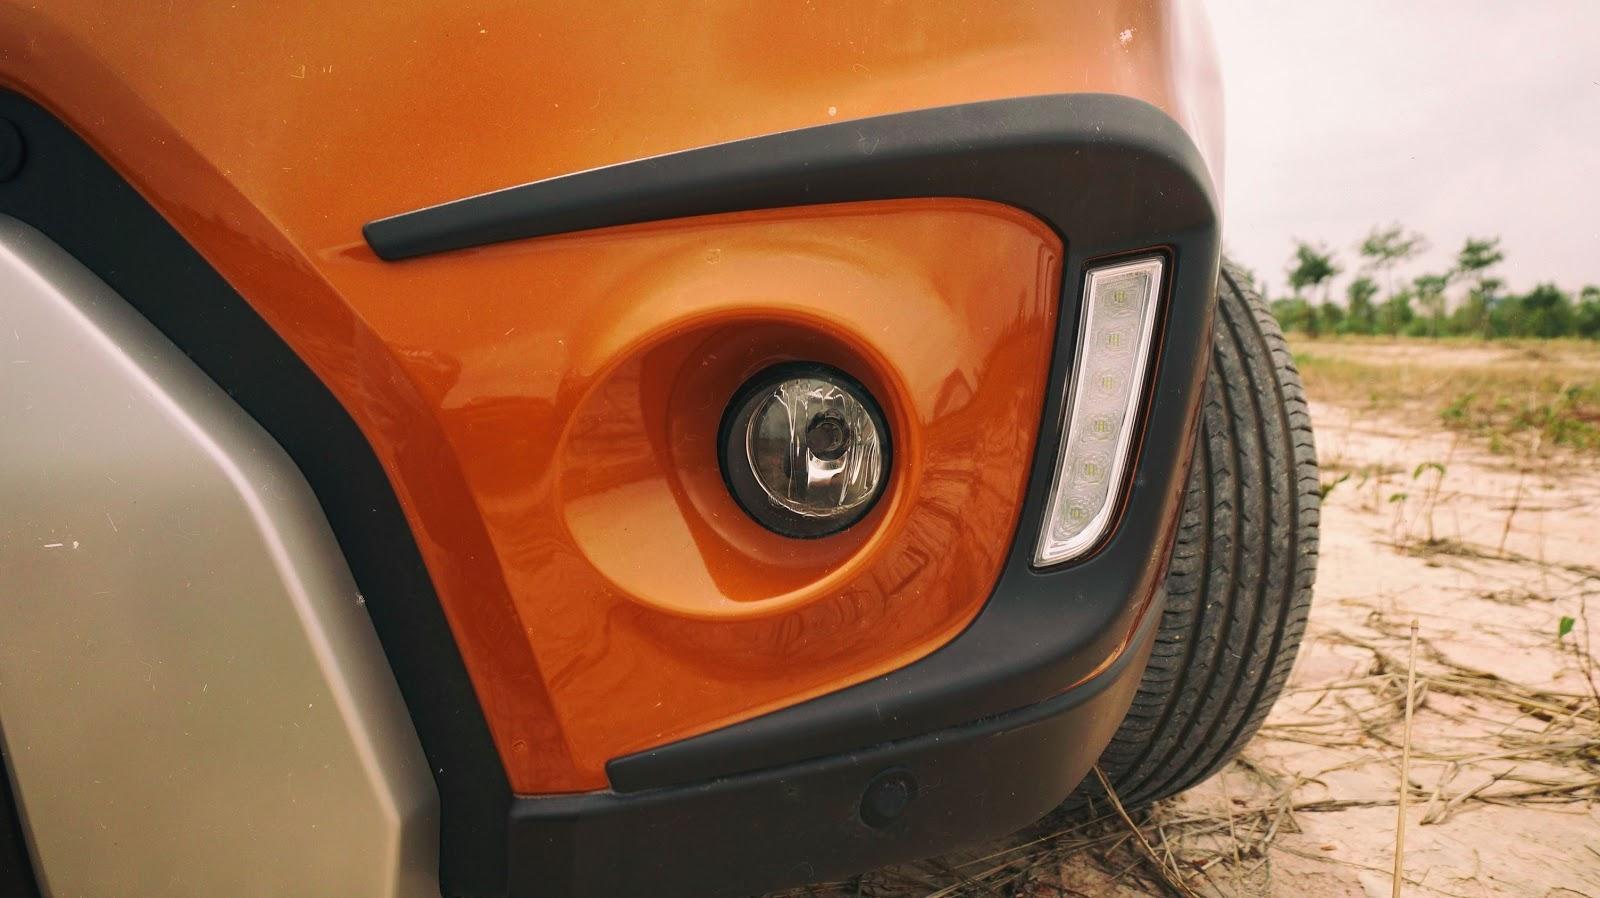 Hệ thống đèn sương mù và đèn ban ngày của Suzuki Vitara hoàn toàn mới